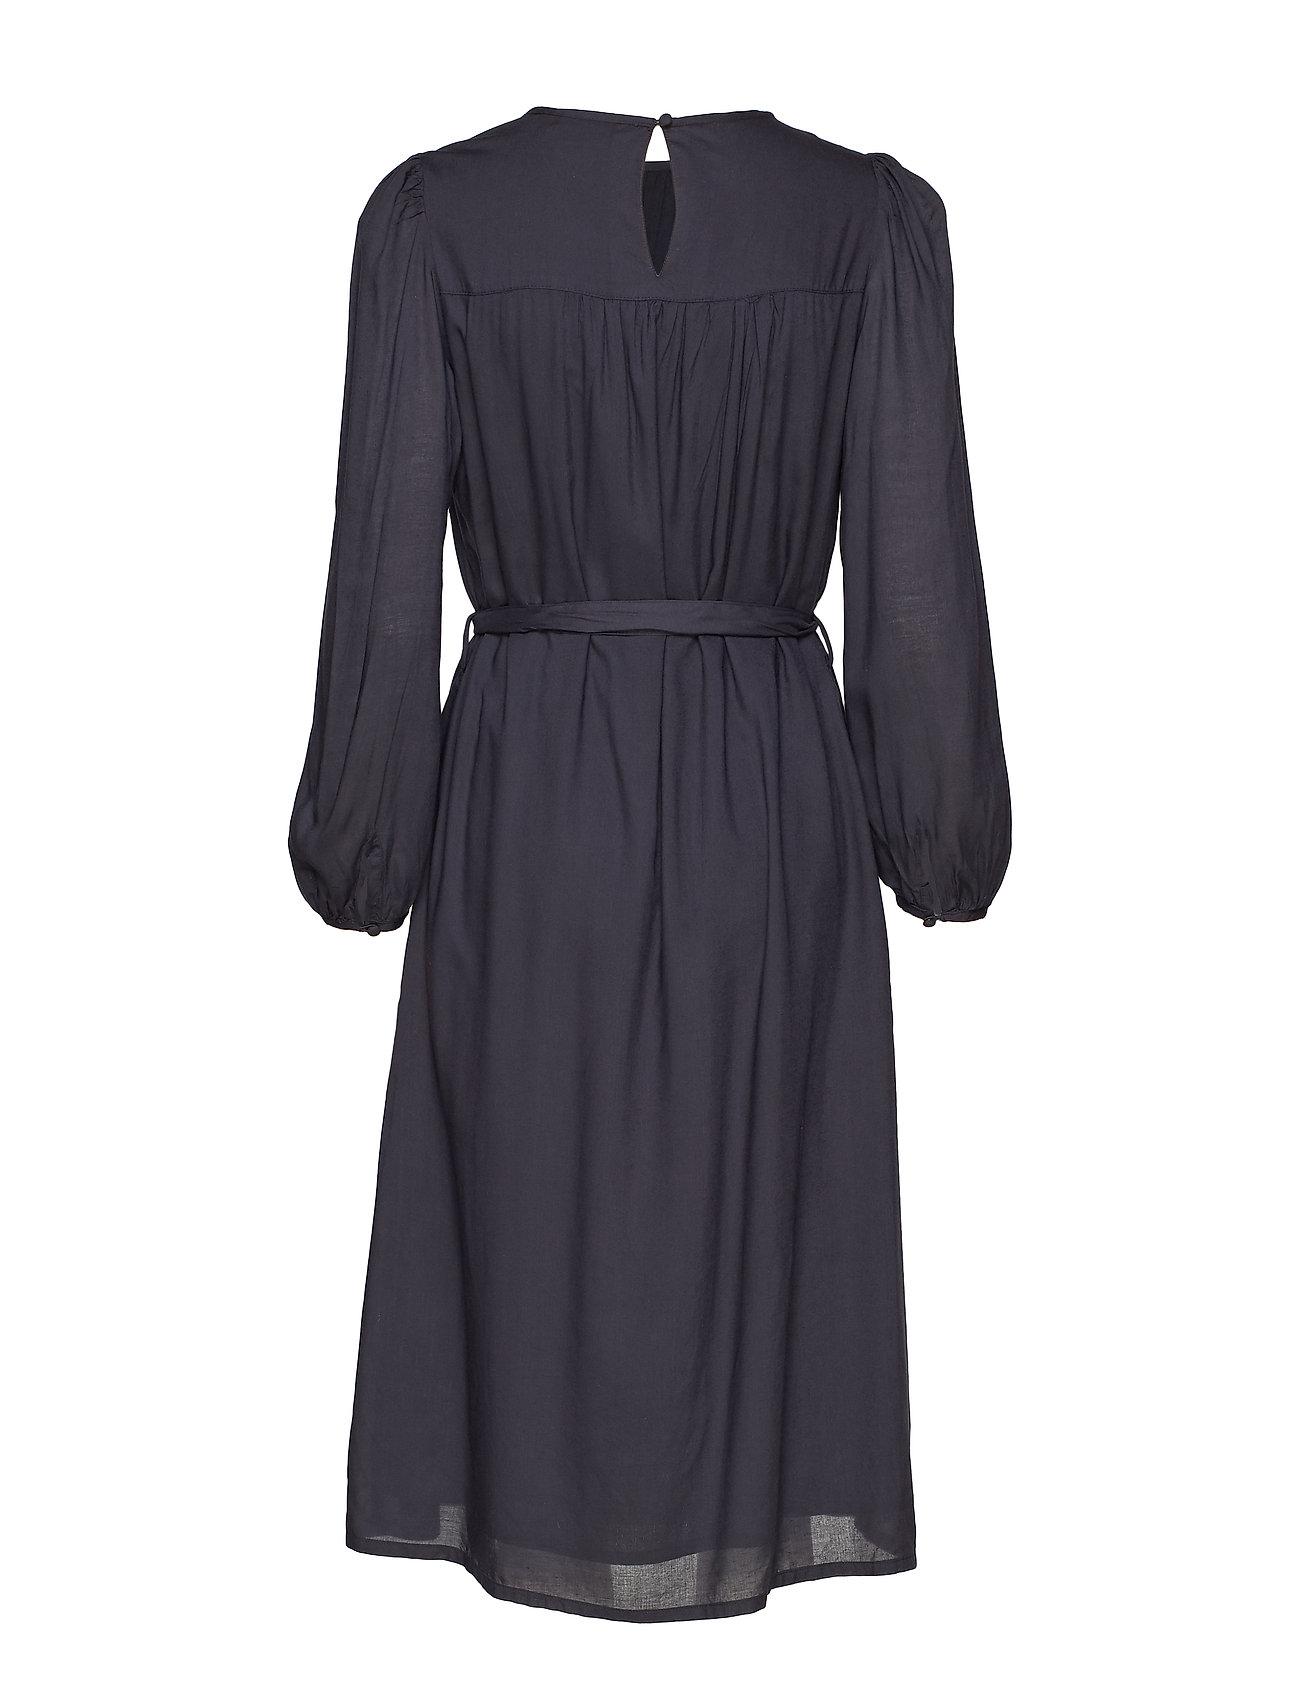 Dressdark Clothing BlueLexington Dressdark Mistie BlueLexington Mistie 5A4j3LR